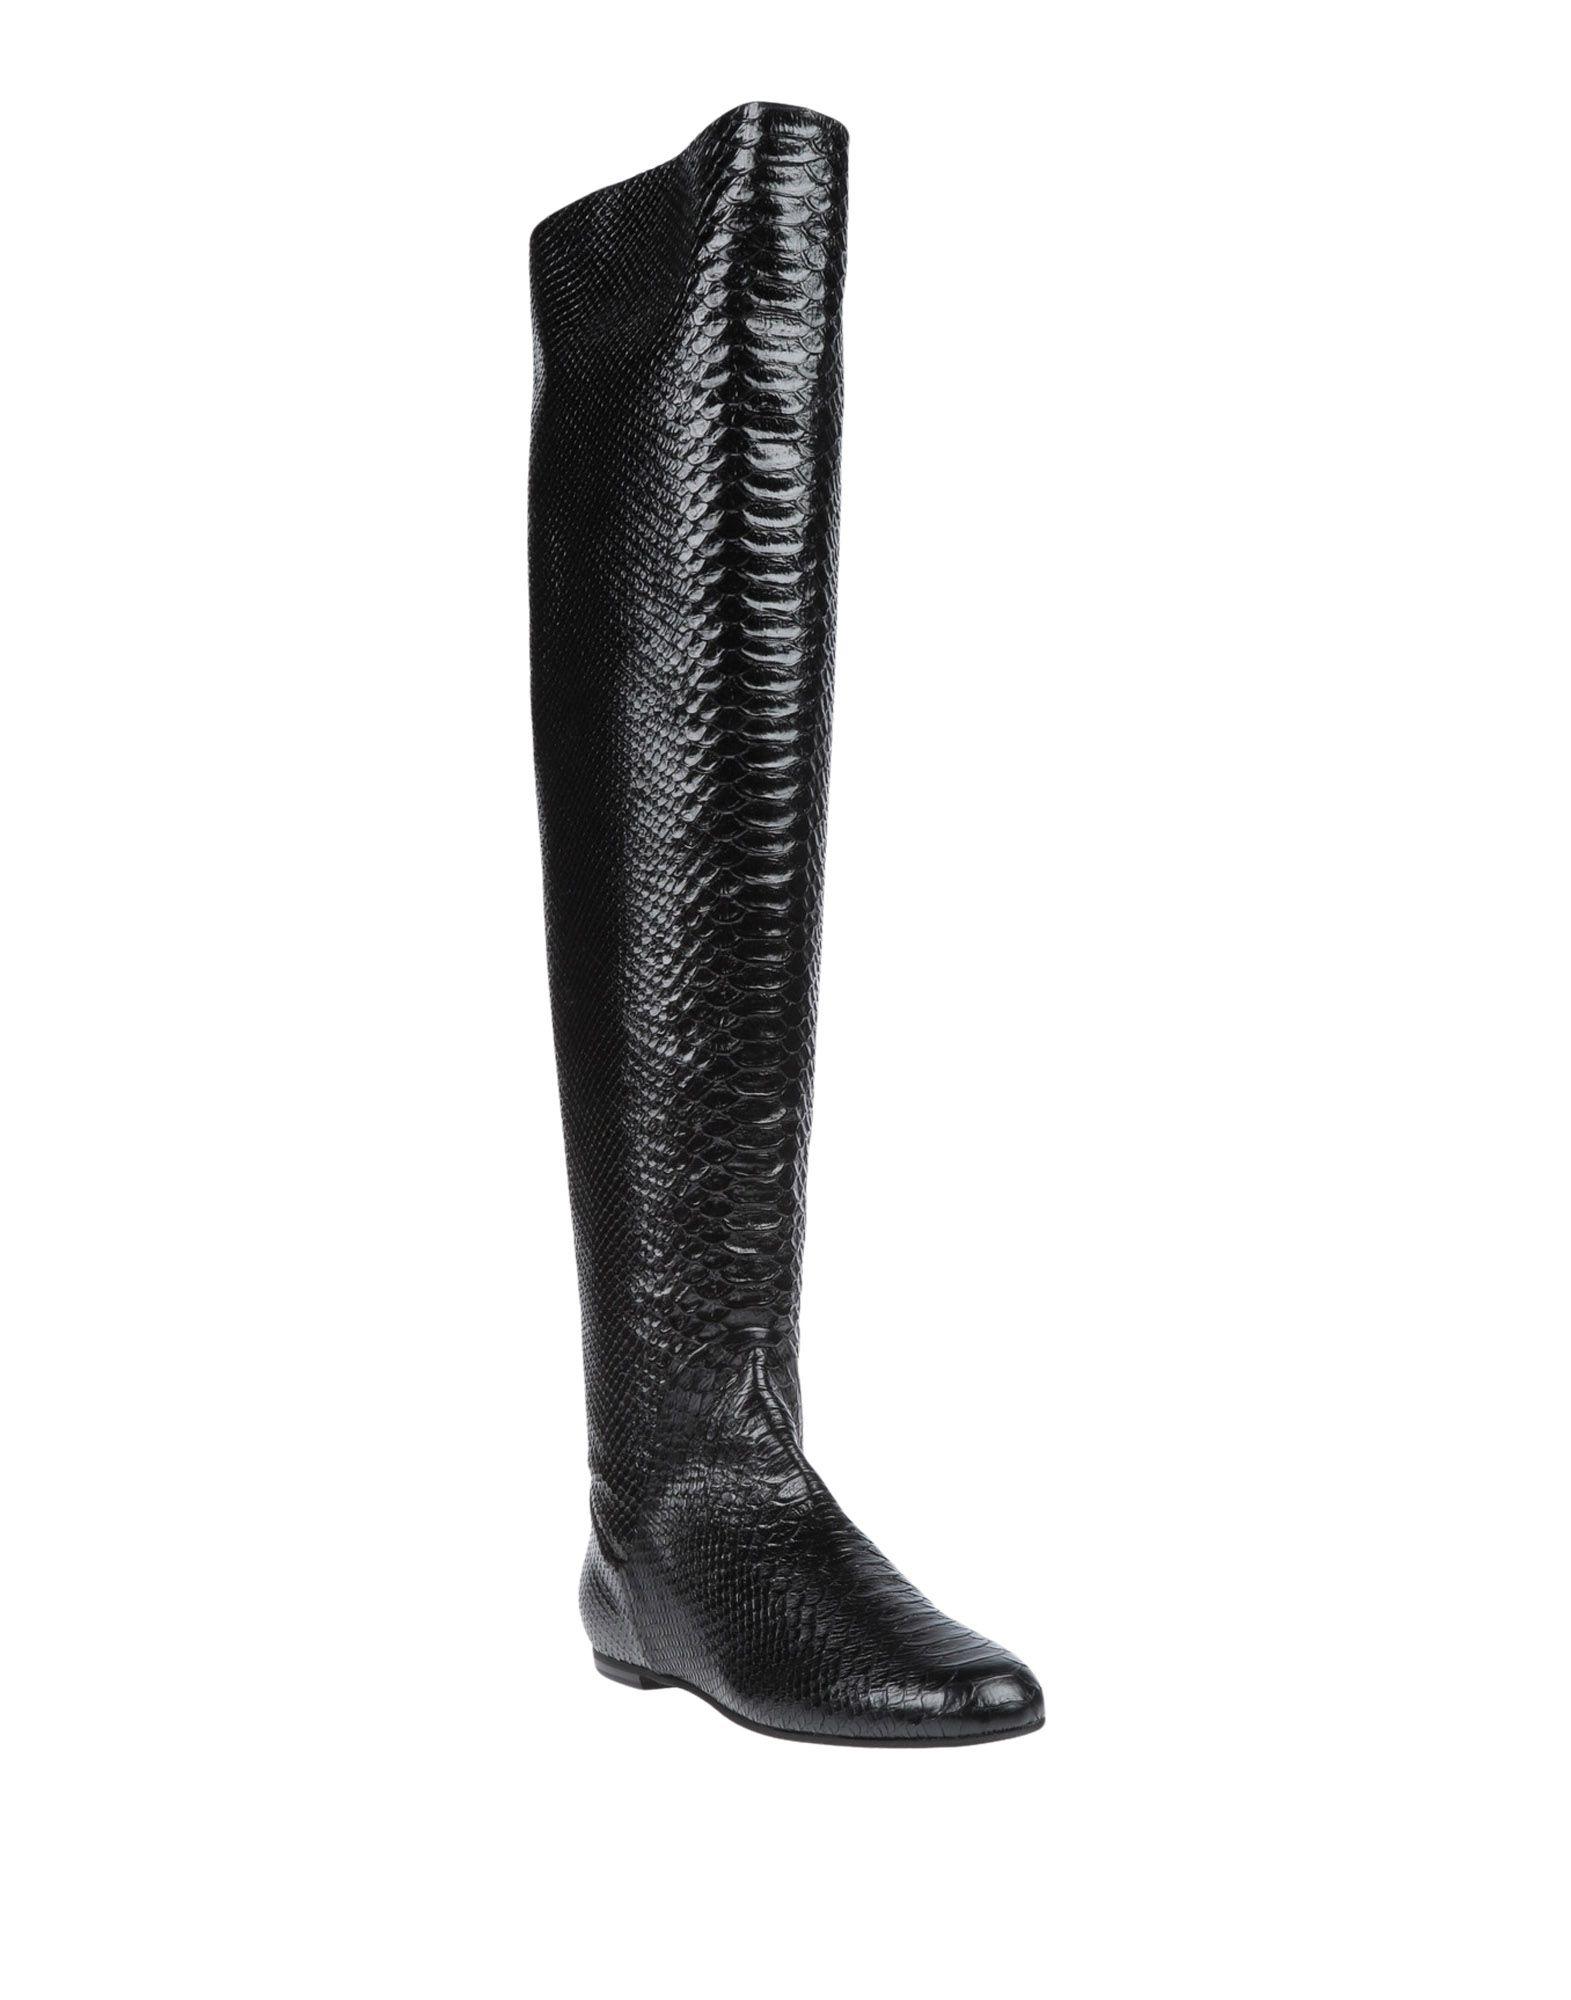 Giuseppe Zanotti Stiefel 11514101CI Damen  11514101CI Stiefel Beliebte Schuhe 058824